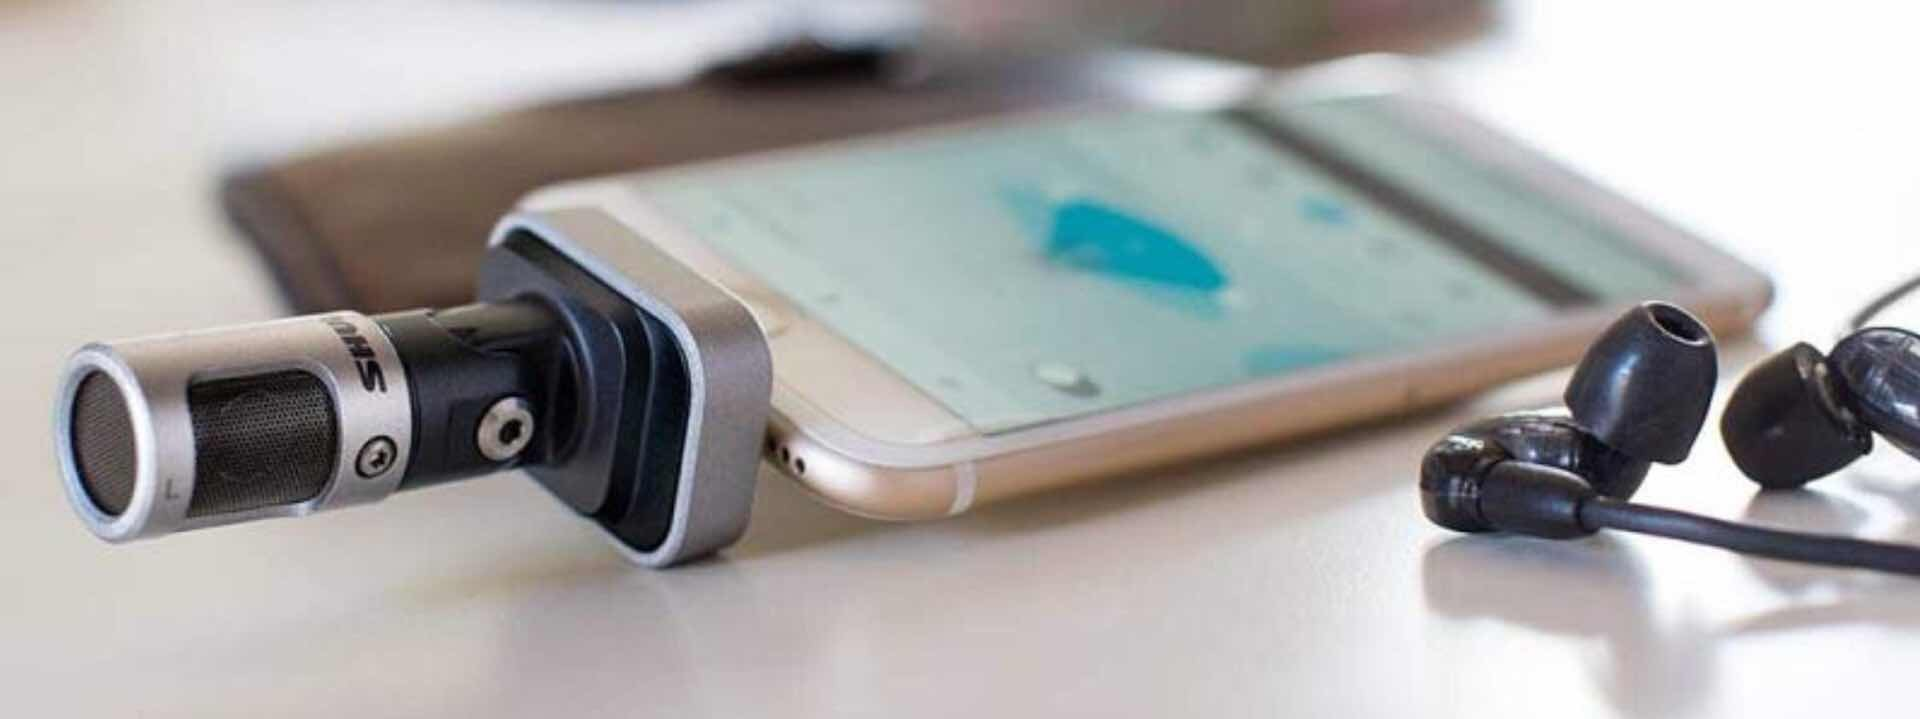 shure-mv88-ios-digital-stereo-condenser-microphone-3